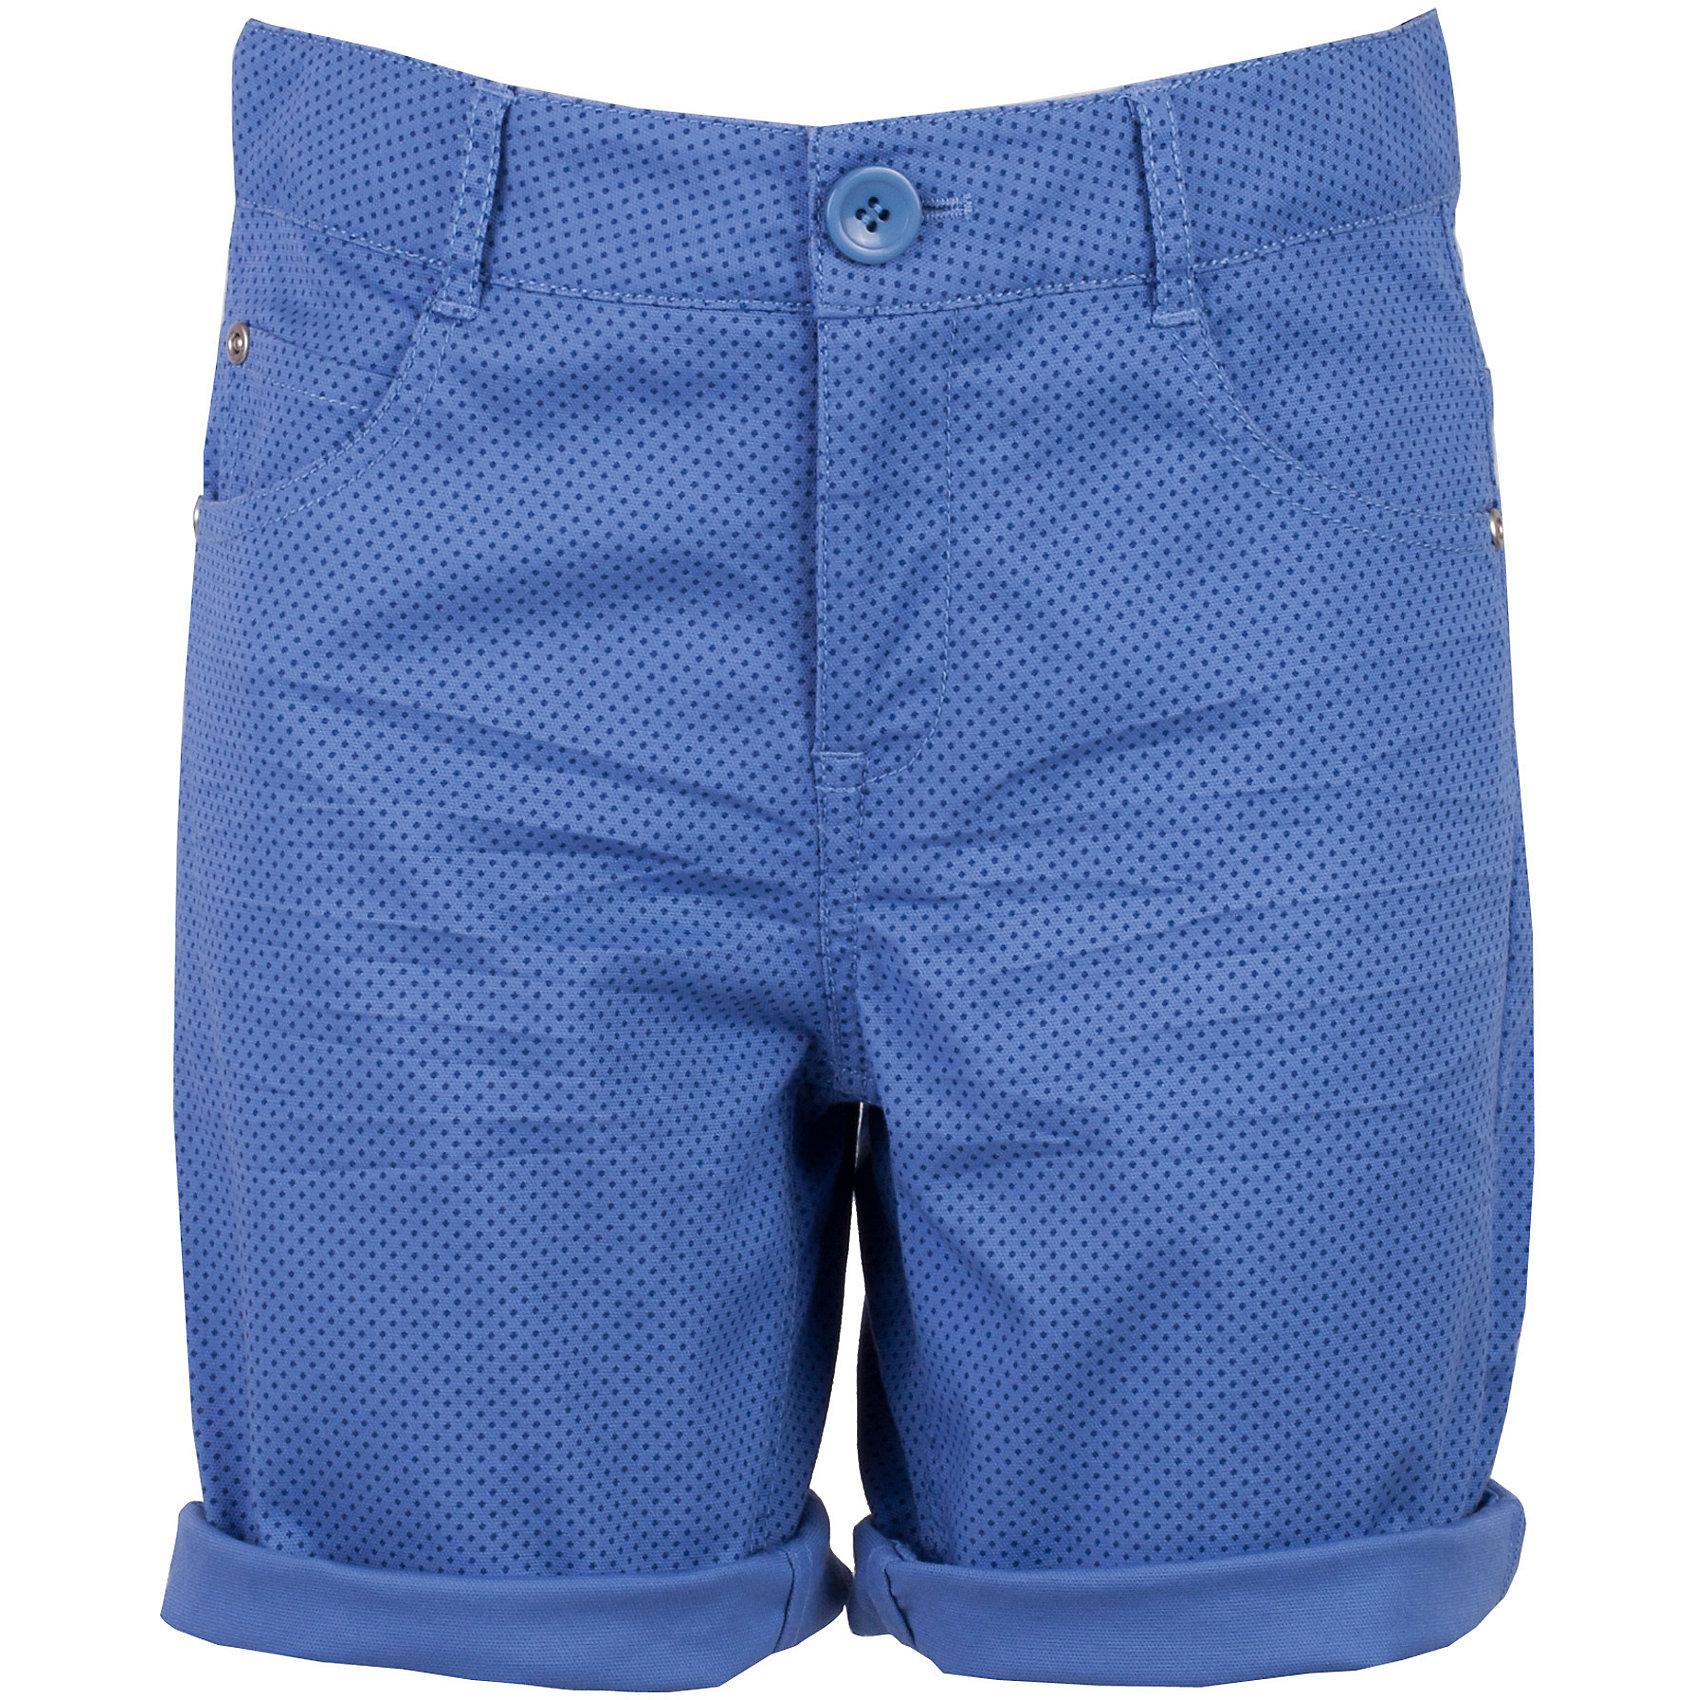 Шорты для мальчика GulliverШорты, бриджи, капри<br>Несмотря на то, что джинсовые шорты по-прежнему занимают в гардеробе ребенка лидирующее место, текстильные шорты для мальчика никто не отменял! Везде, где шорты из джинсы неуместны или просто хочется разнообразия, оригинальные голубые шорты помогут создать прекрасный look. Модный мелкий рисунок придает модели особый шарм. Темно-голубой  цвет выглядит нарядно, благородно, изысканно! Если вы хотите купить детские шорты, которые подчеркнут стиль и индивидуальность вашего ребенка, эти классные шорты для мальчика с фирменной брендированной фурнитурой - лучшее решение для модного лета!<br>Состав:<br>98% хлопок      2% эластан<br><br>Ширина мм: 191<br>Глубина мм: 10<br>Высота мм: 175<br>Вес г: 273<br>Цвет: голубой<br>Возраст от месяцев: 84<br>Возраст до месяцев: 96<br>Пол: Мужской<br>Возраст: Детский<br>Размер: 128,134,140,122<br>SKU: 5482962